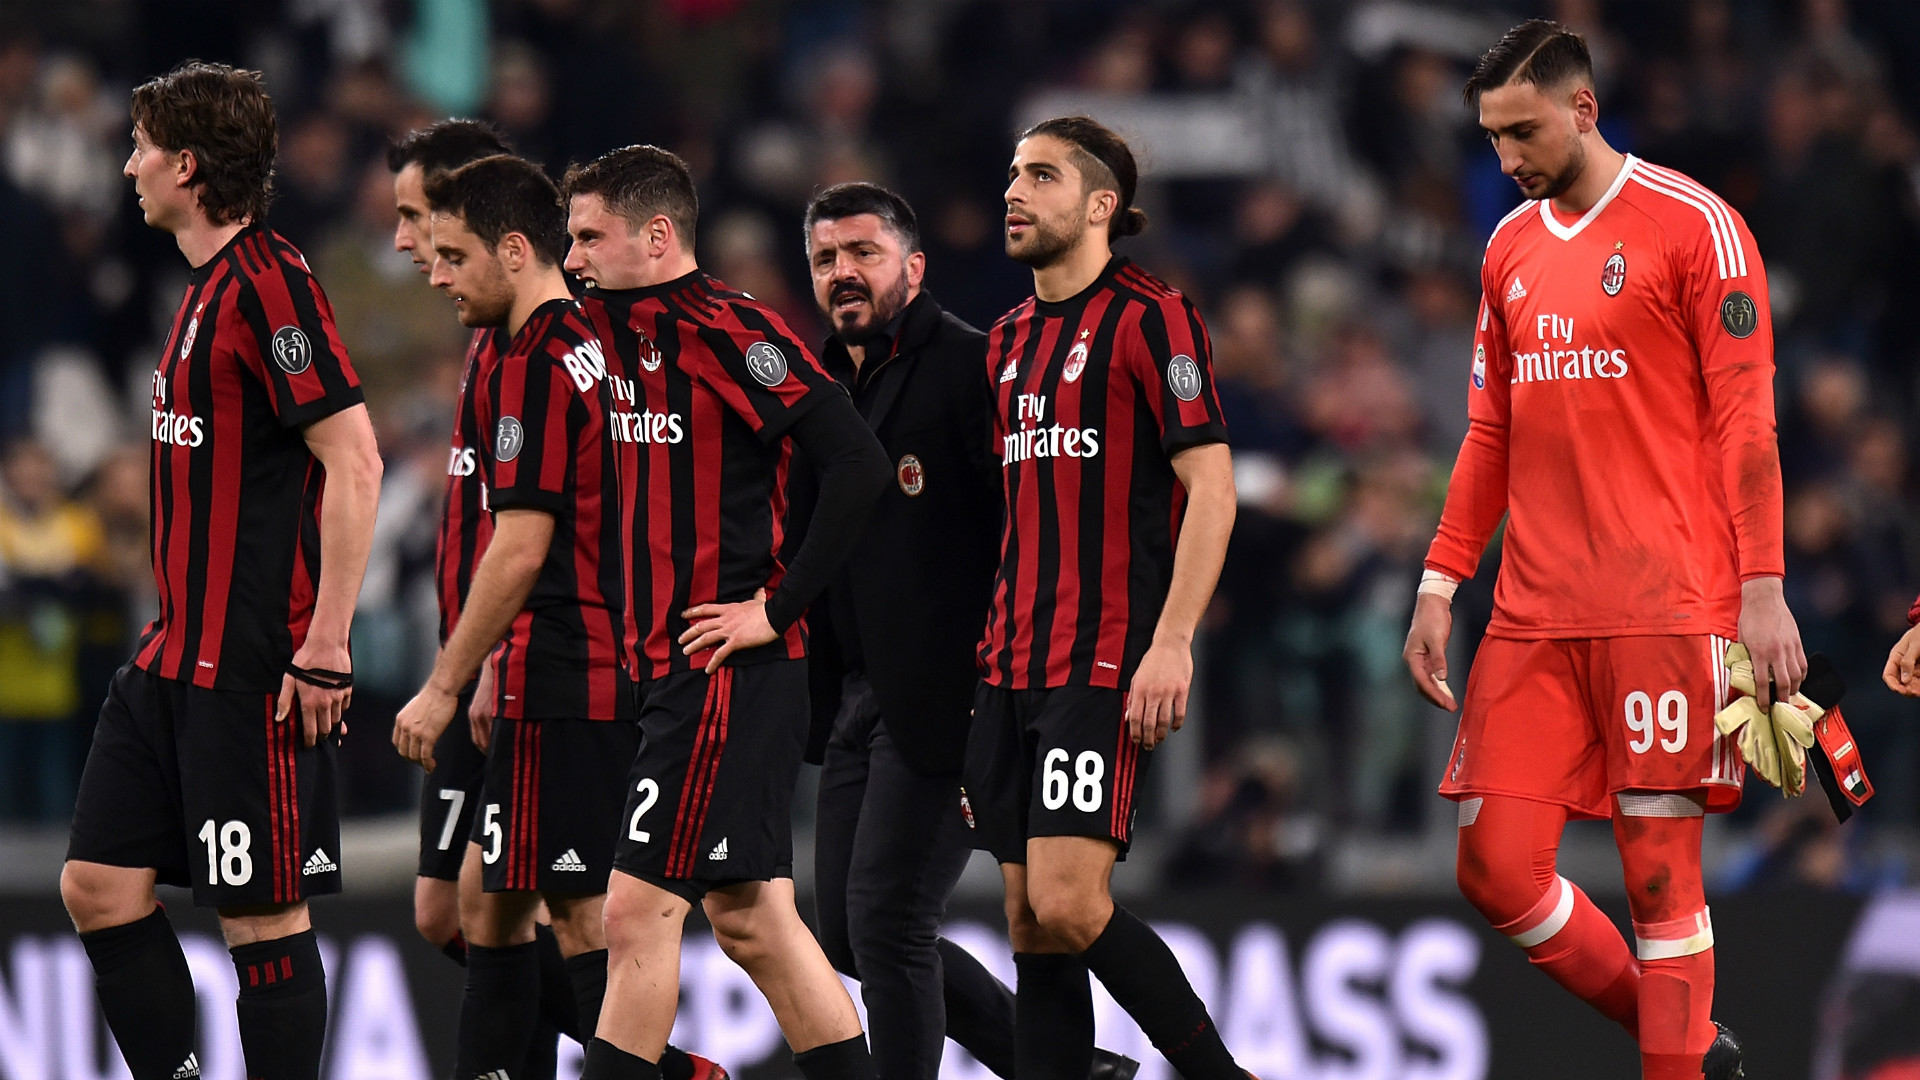 CM Scommesse: Europa League, tanti gol nel secondo tempo